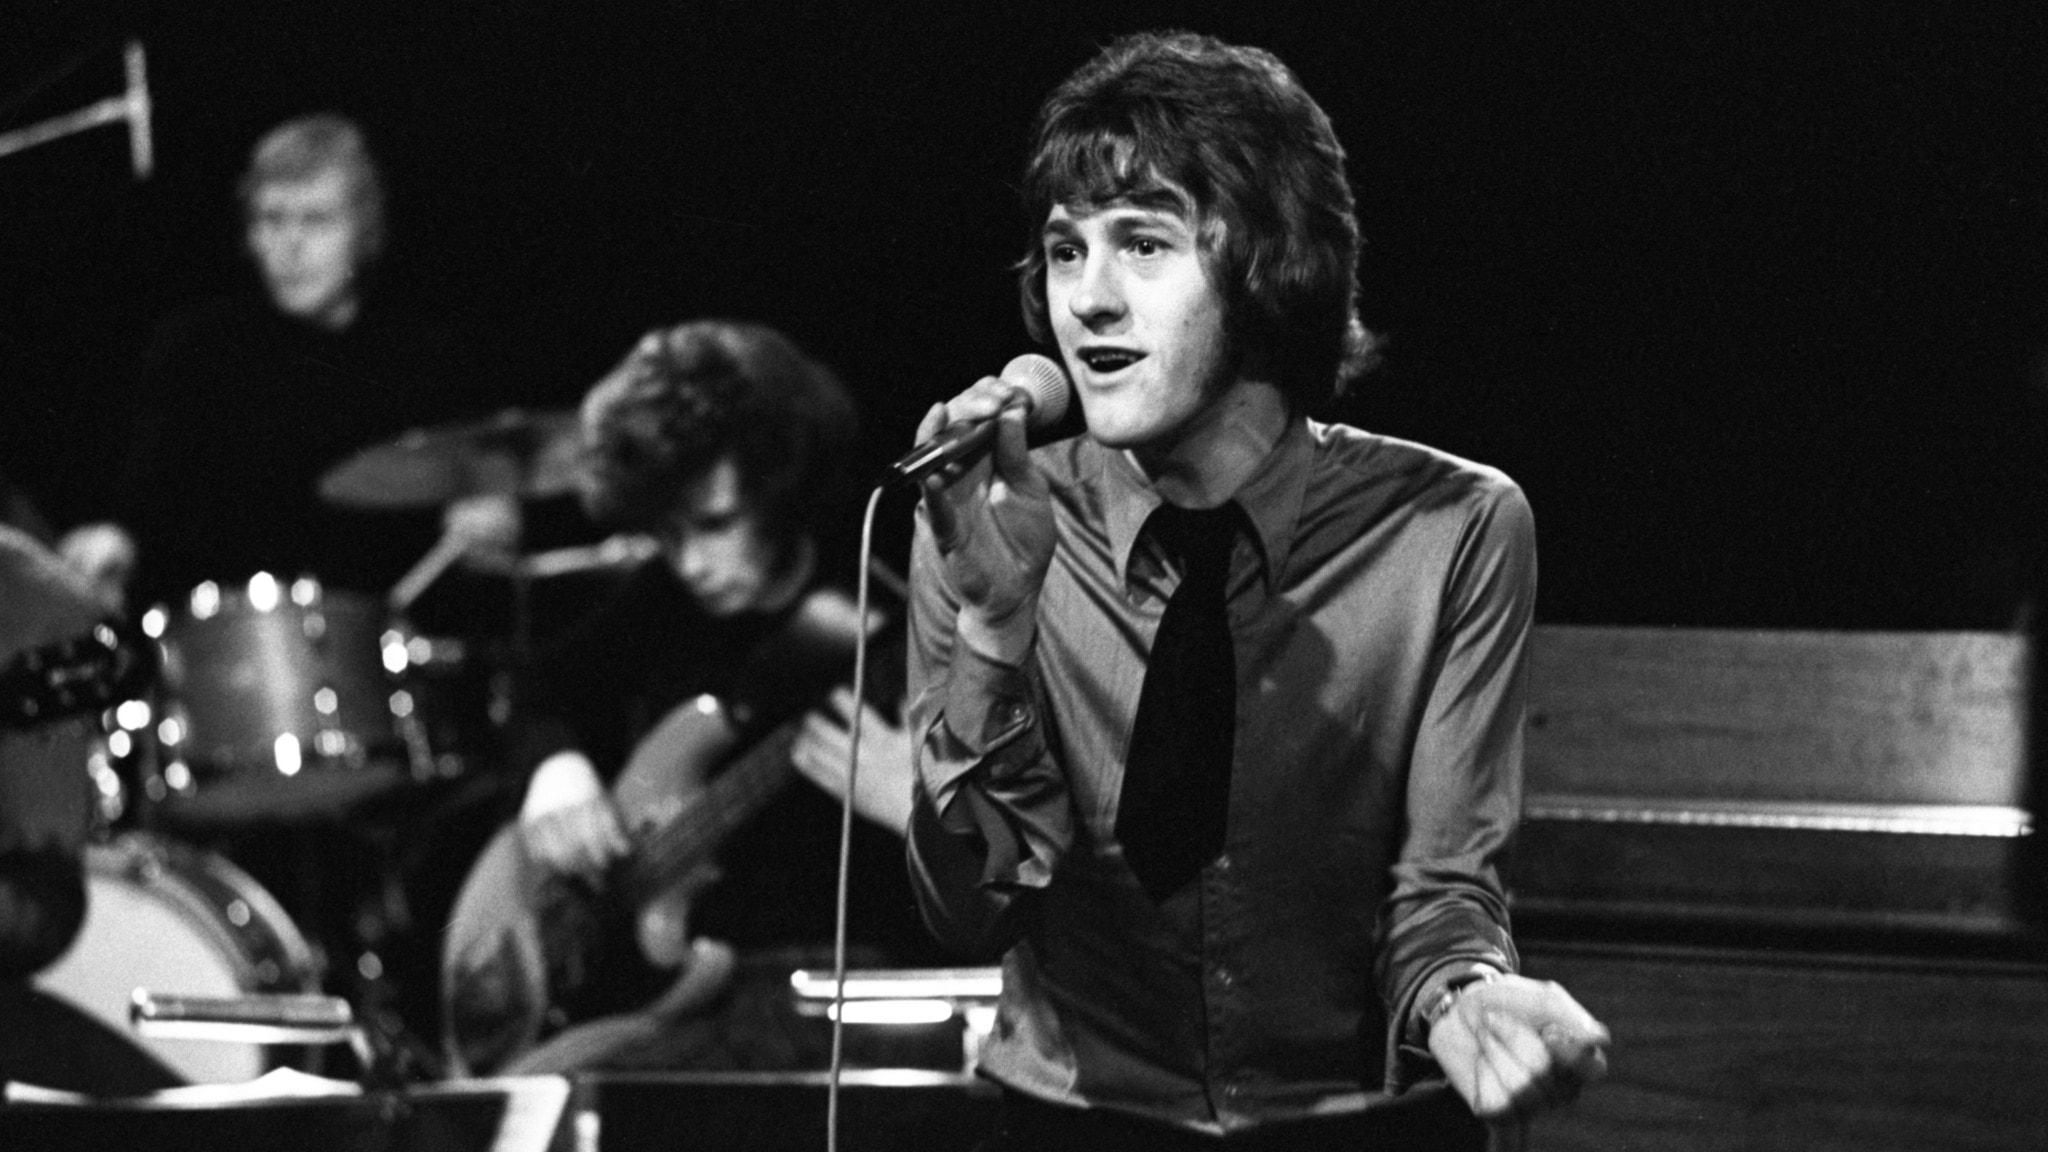 En ung Tommy Körberg står på scen med musiker bakom sig.  Han håller mikrofonen med ett mikrofonstativ nära mun med höger hand. Tommy bär skjorta och slips.